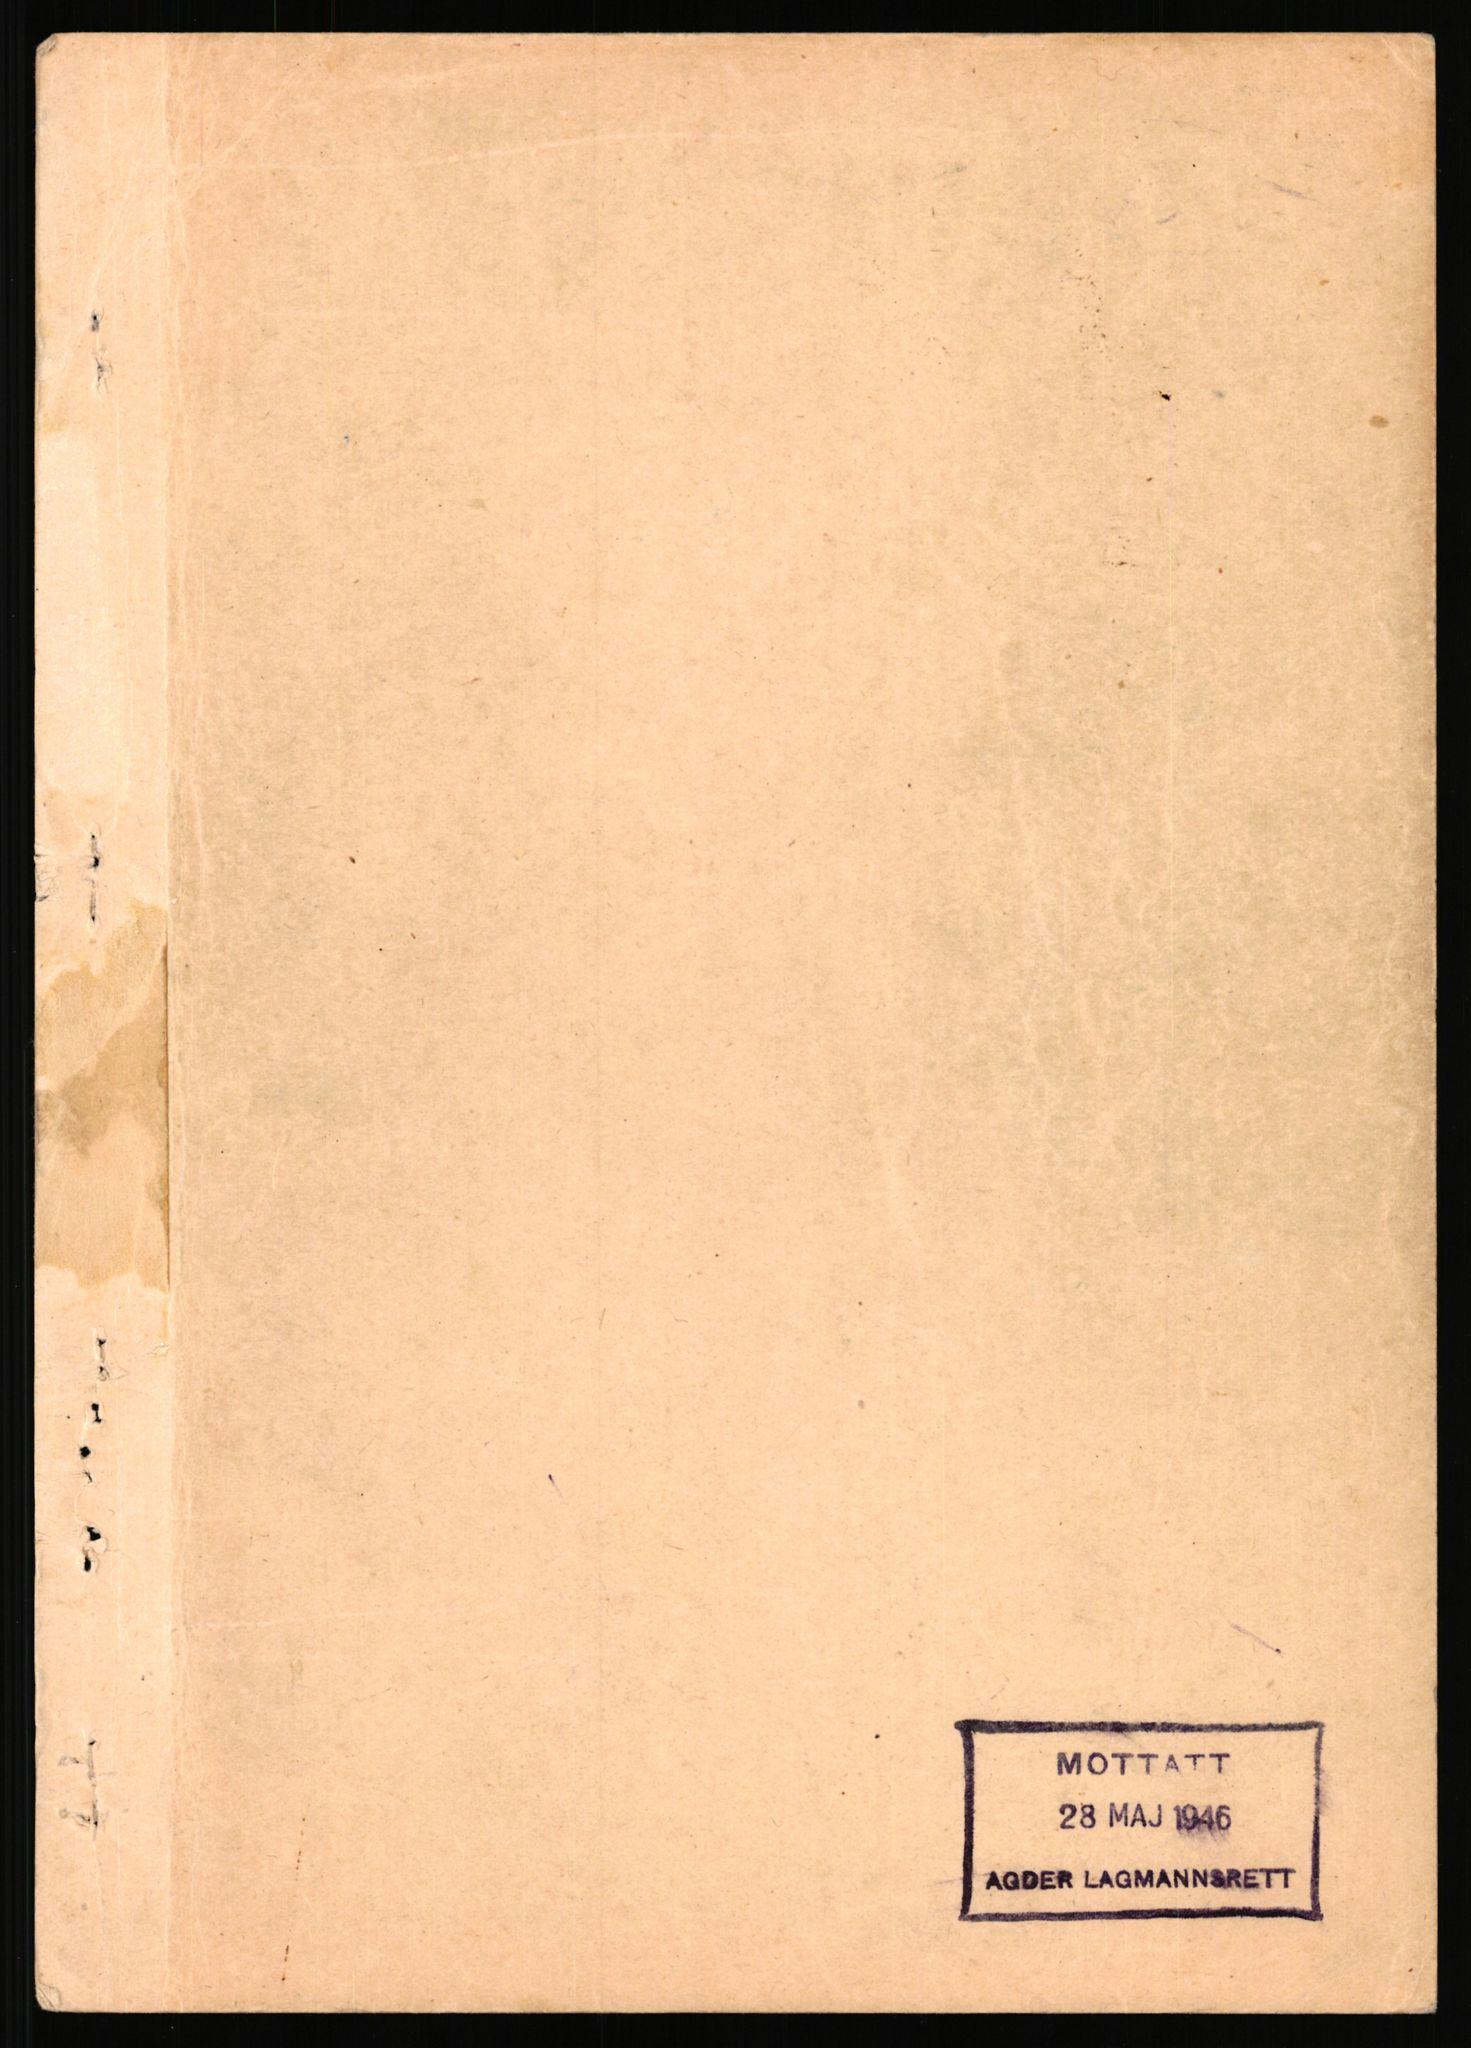 RA, Landssvikarkivet, Arendal politikammer, D/Dc/L0029: Anr. 192/45, 1945-1951, s. 941